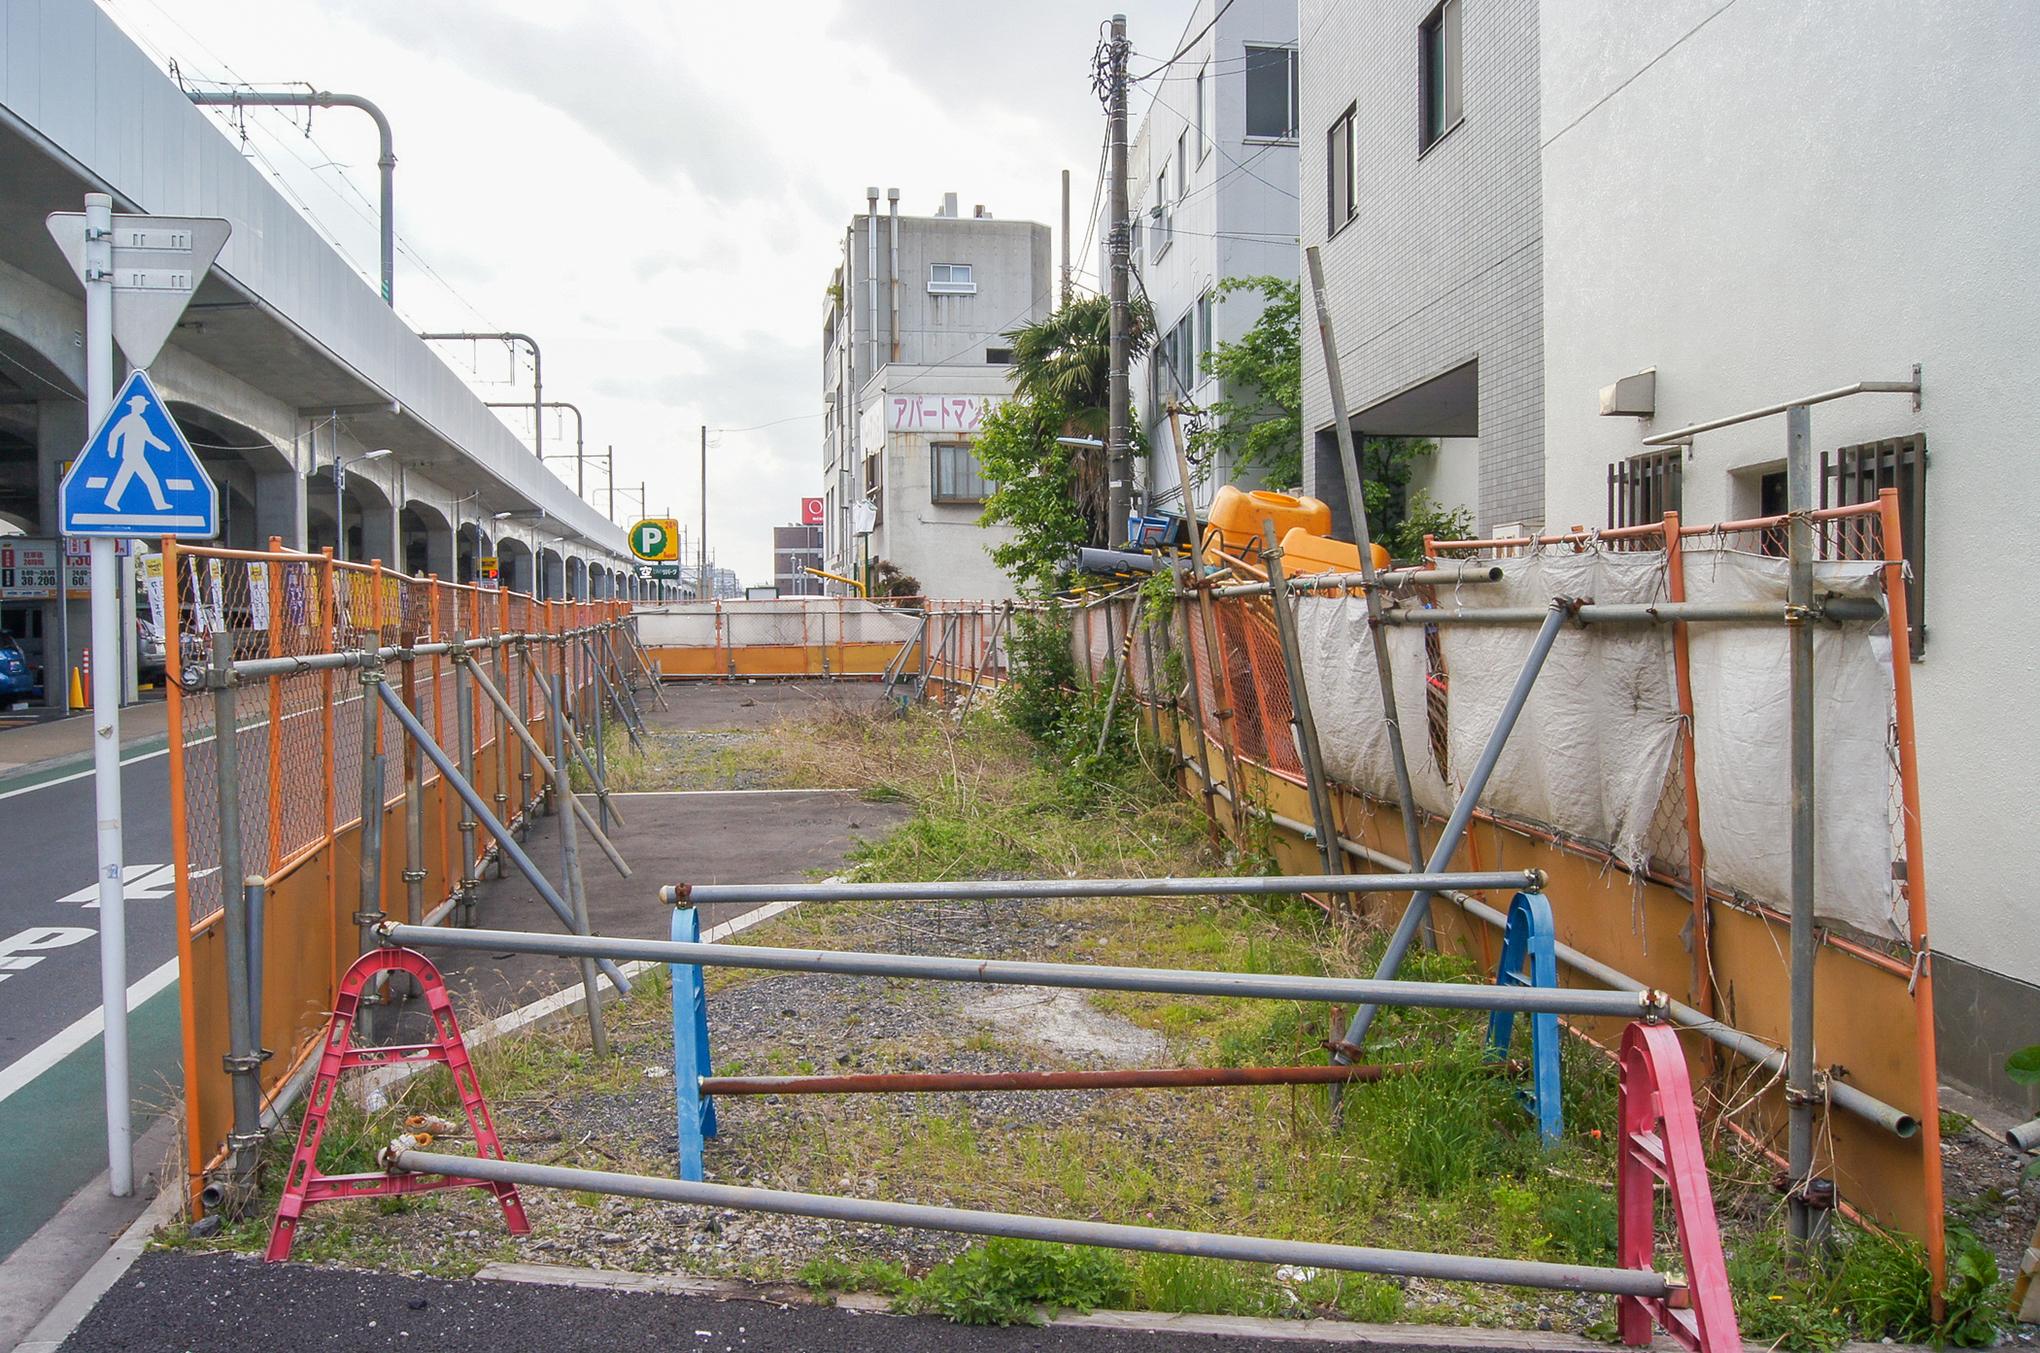 f:id:akichiniiko:20200720174535j:plain